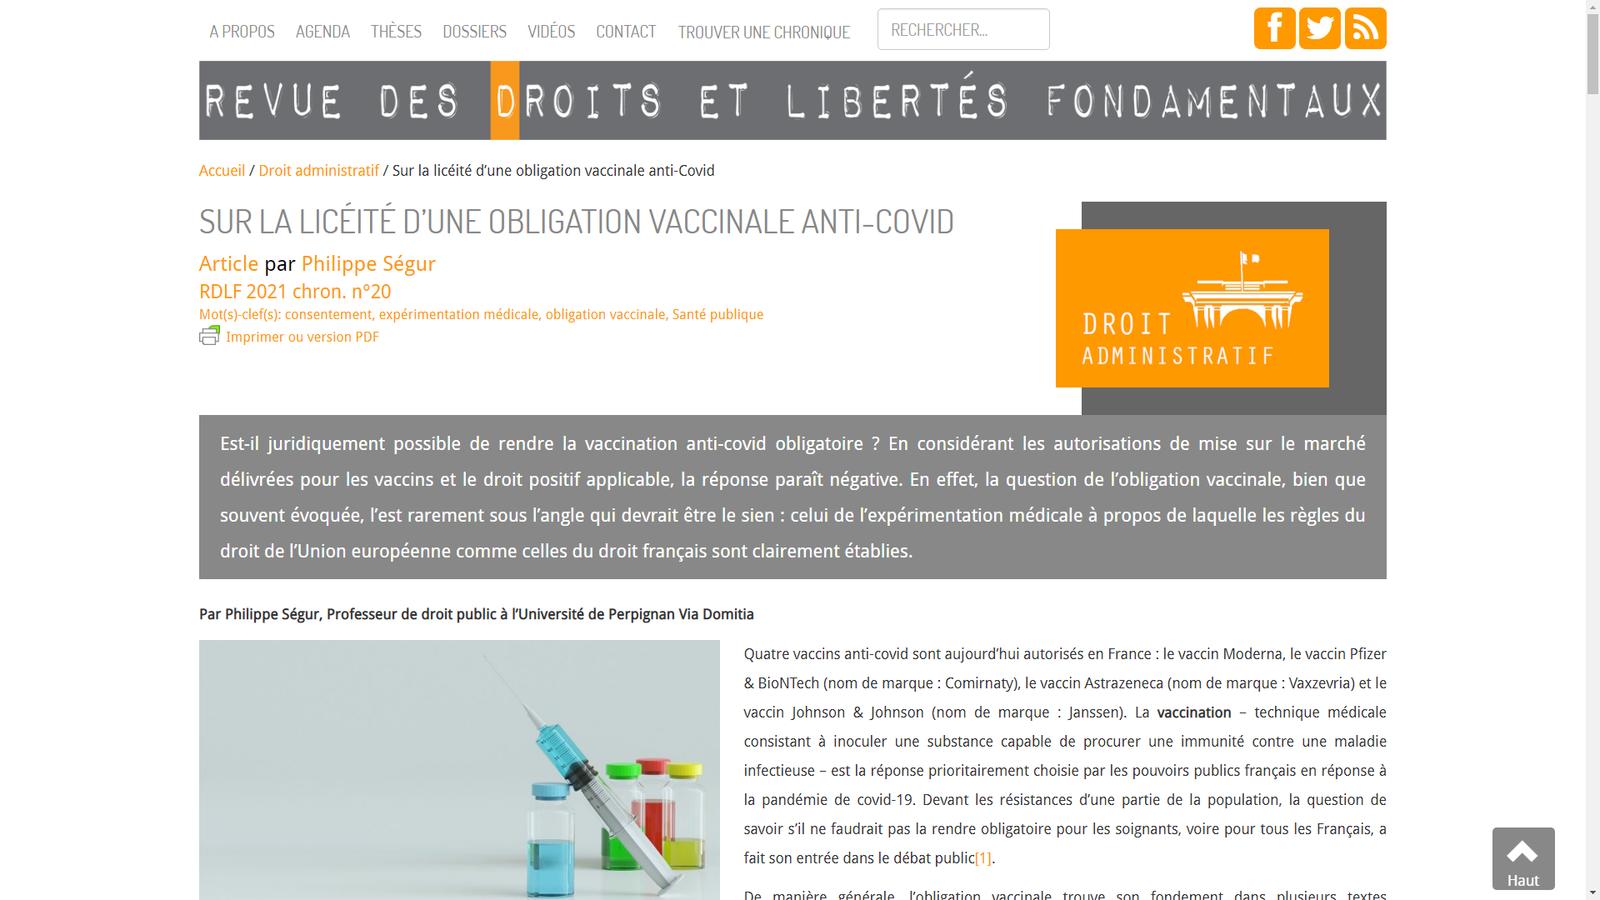 Sur la licéité d'une obligation vaccinale anti-covid